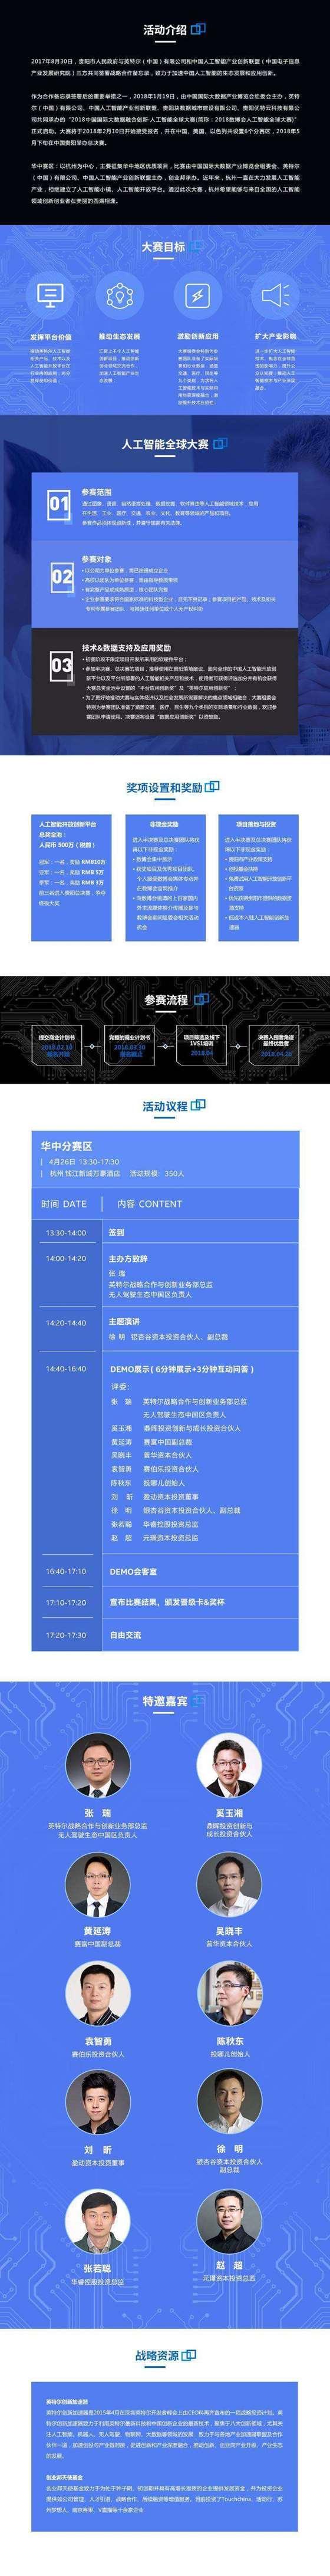 活动行-中国国际大数据融合创新·人工智能全球大赛活动行(杭州站).jpg